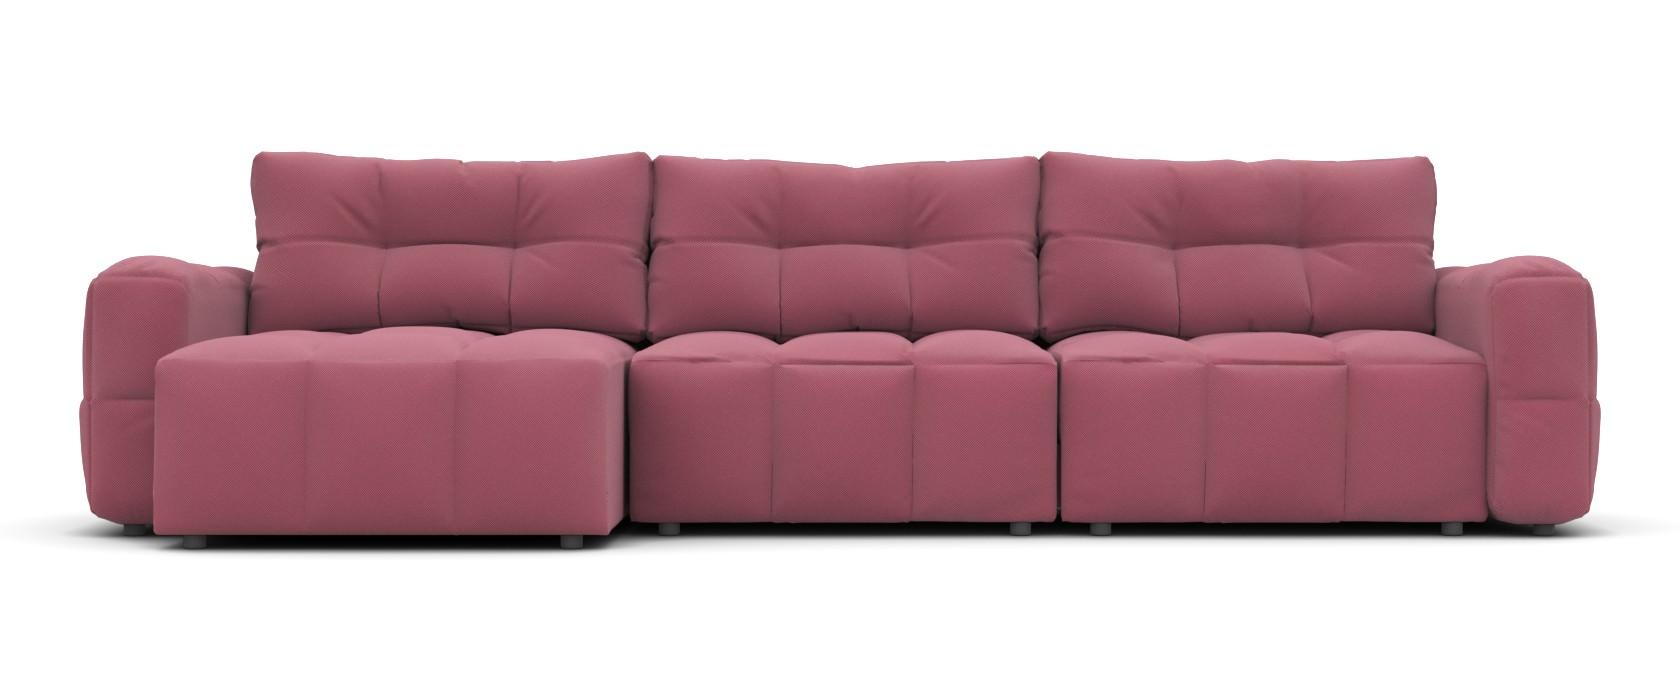 Угловой диван Leonardo - Pufetto